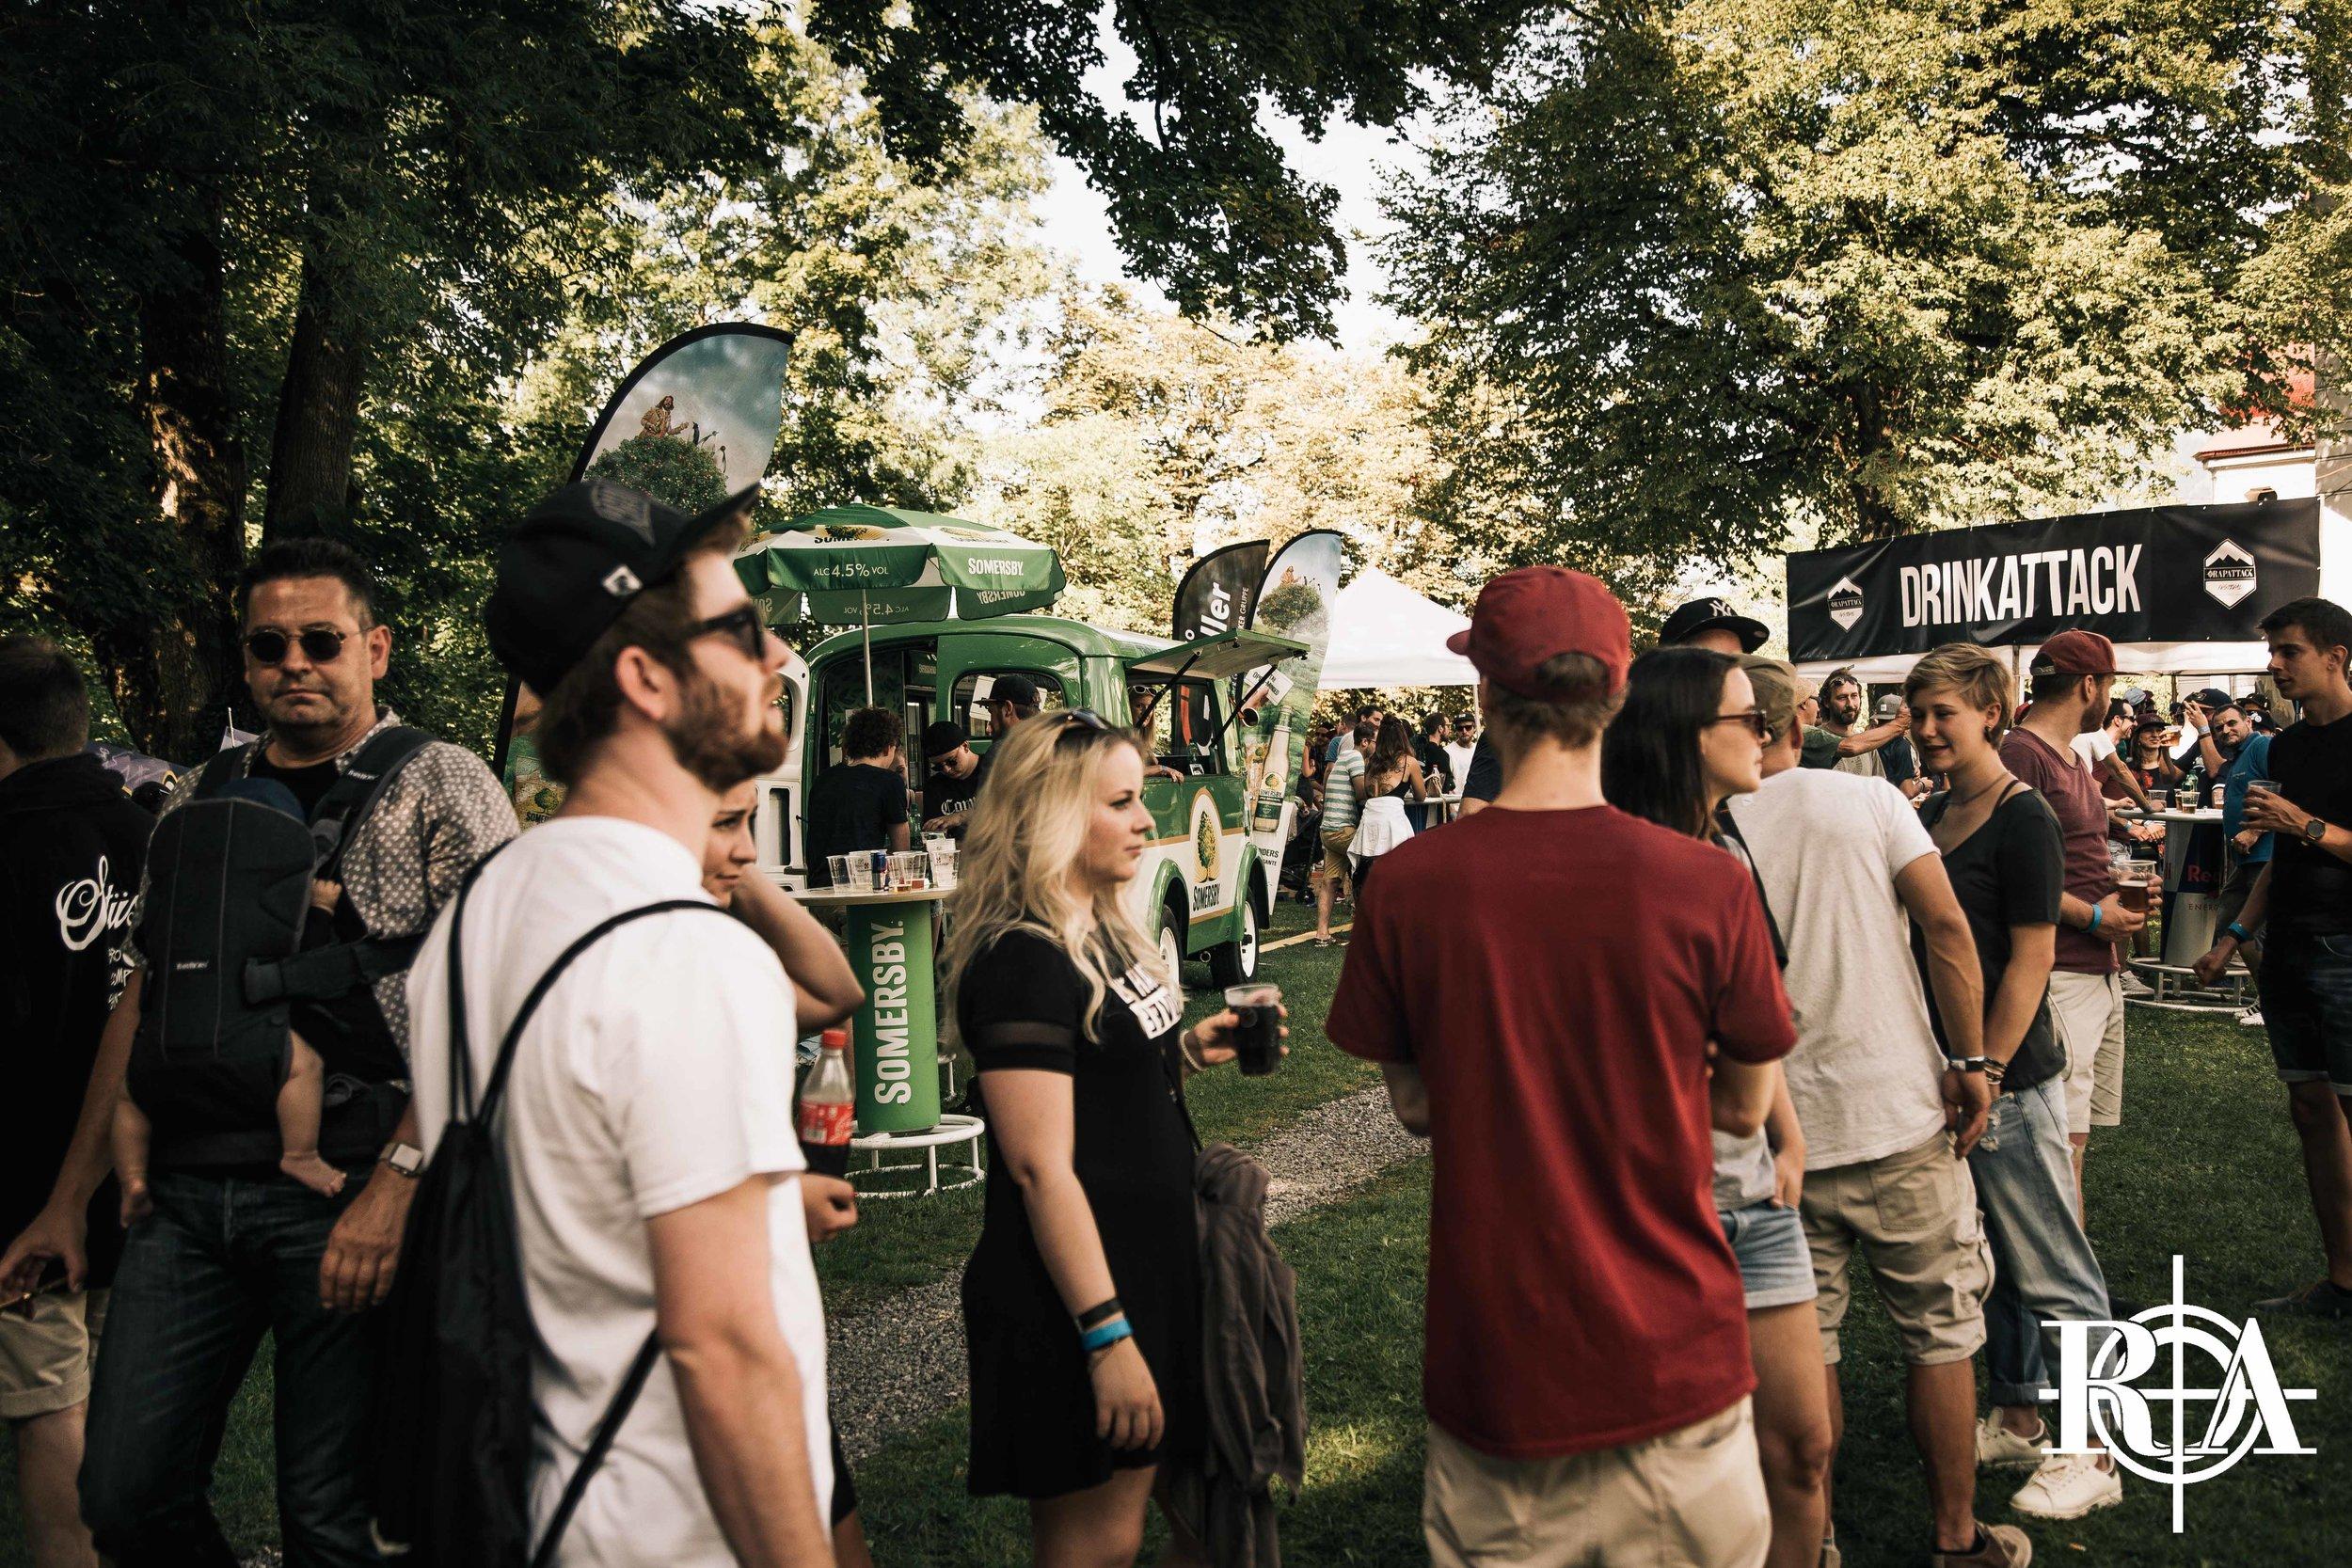 DRINKS - Natürlich gibt es dieses Jahr am Rapattack Festival und den beiden Partys wieder unsere Rapattack Bars. Am Festival präsentieren wir euch dieses Jahr neu die Aurum Bar. Der Luzerner Barchef wird euch tagsüber, als Abwechslung zum Bier, mit fruchtigen Cocktails bedienen.